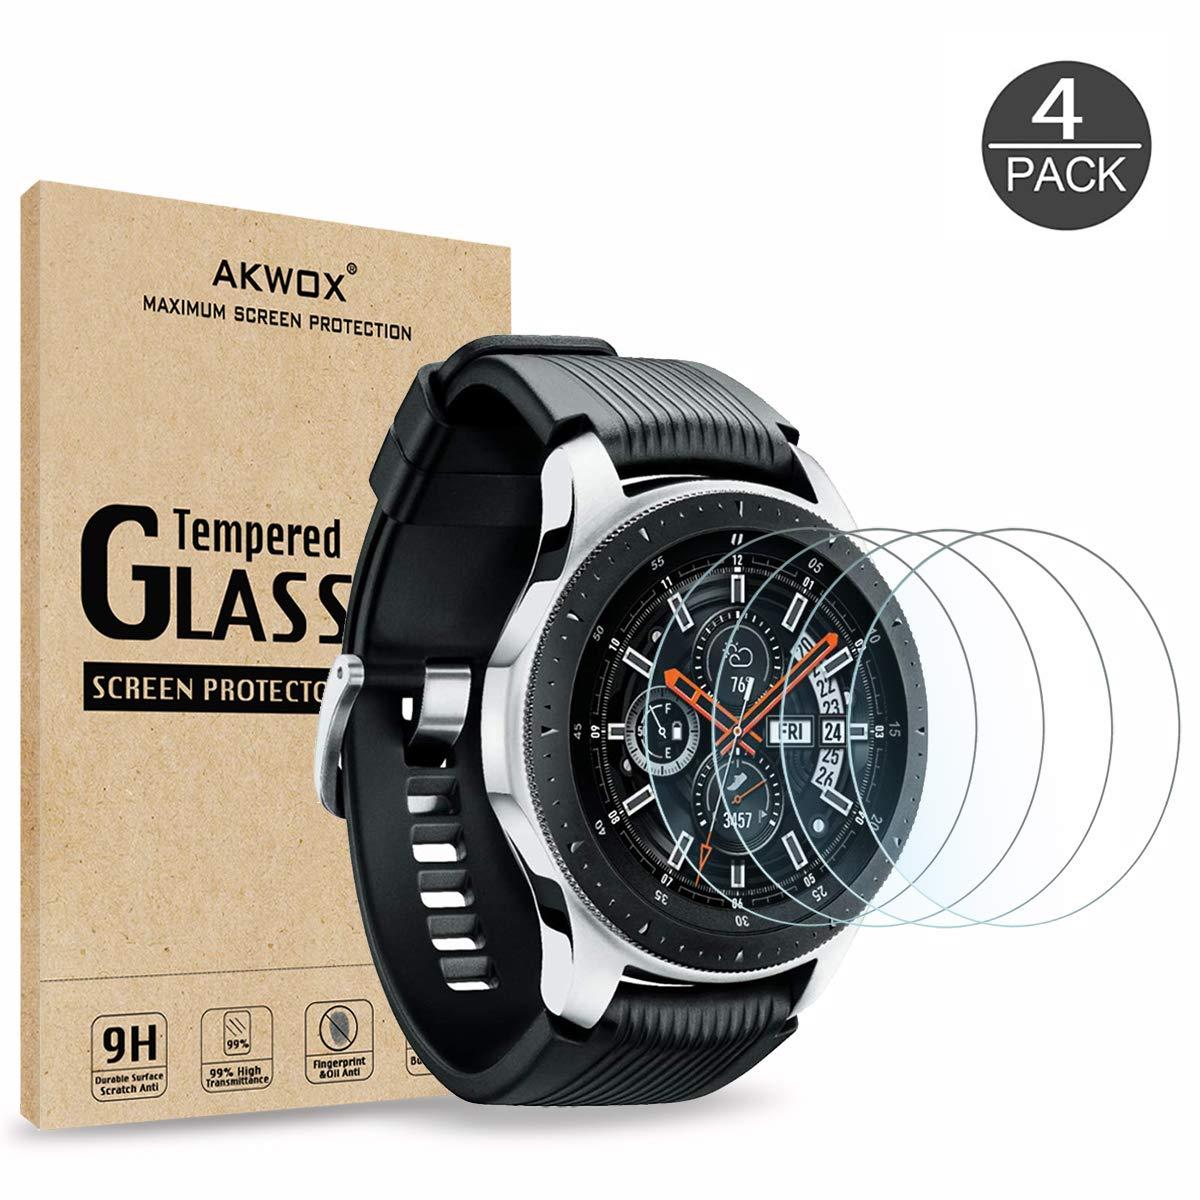 Vidrio Protector Para Samsung Gear S3 X4 Akwox -7grncpjq